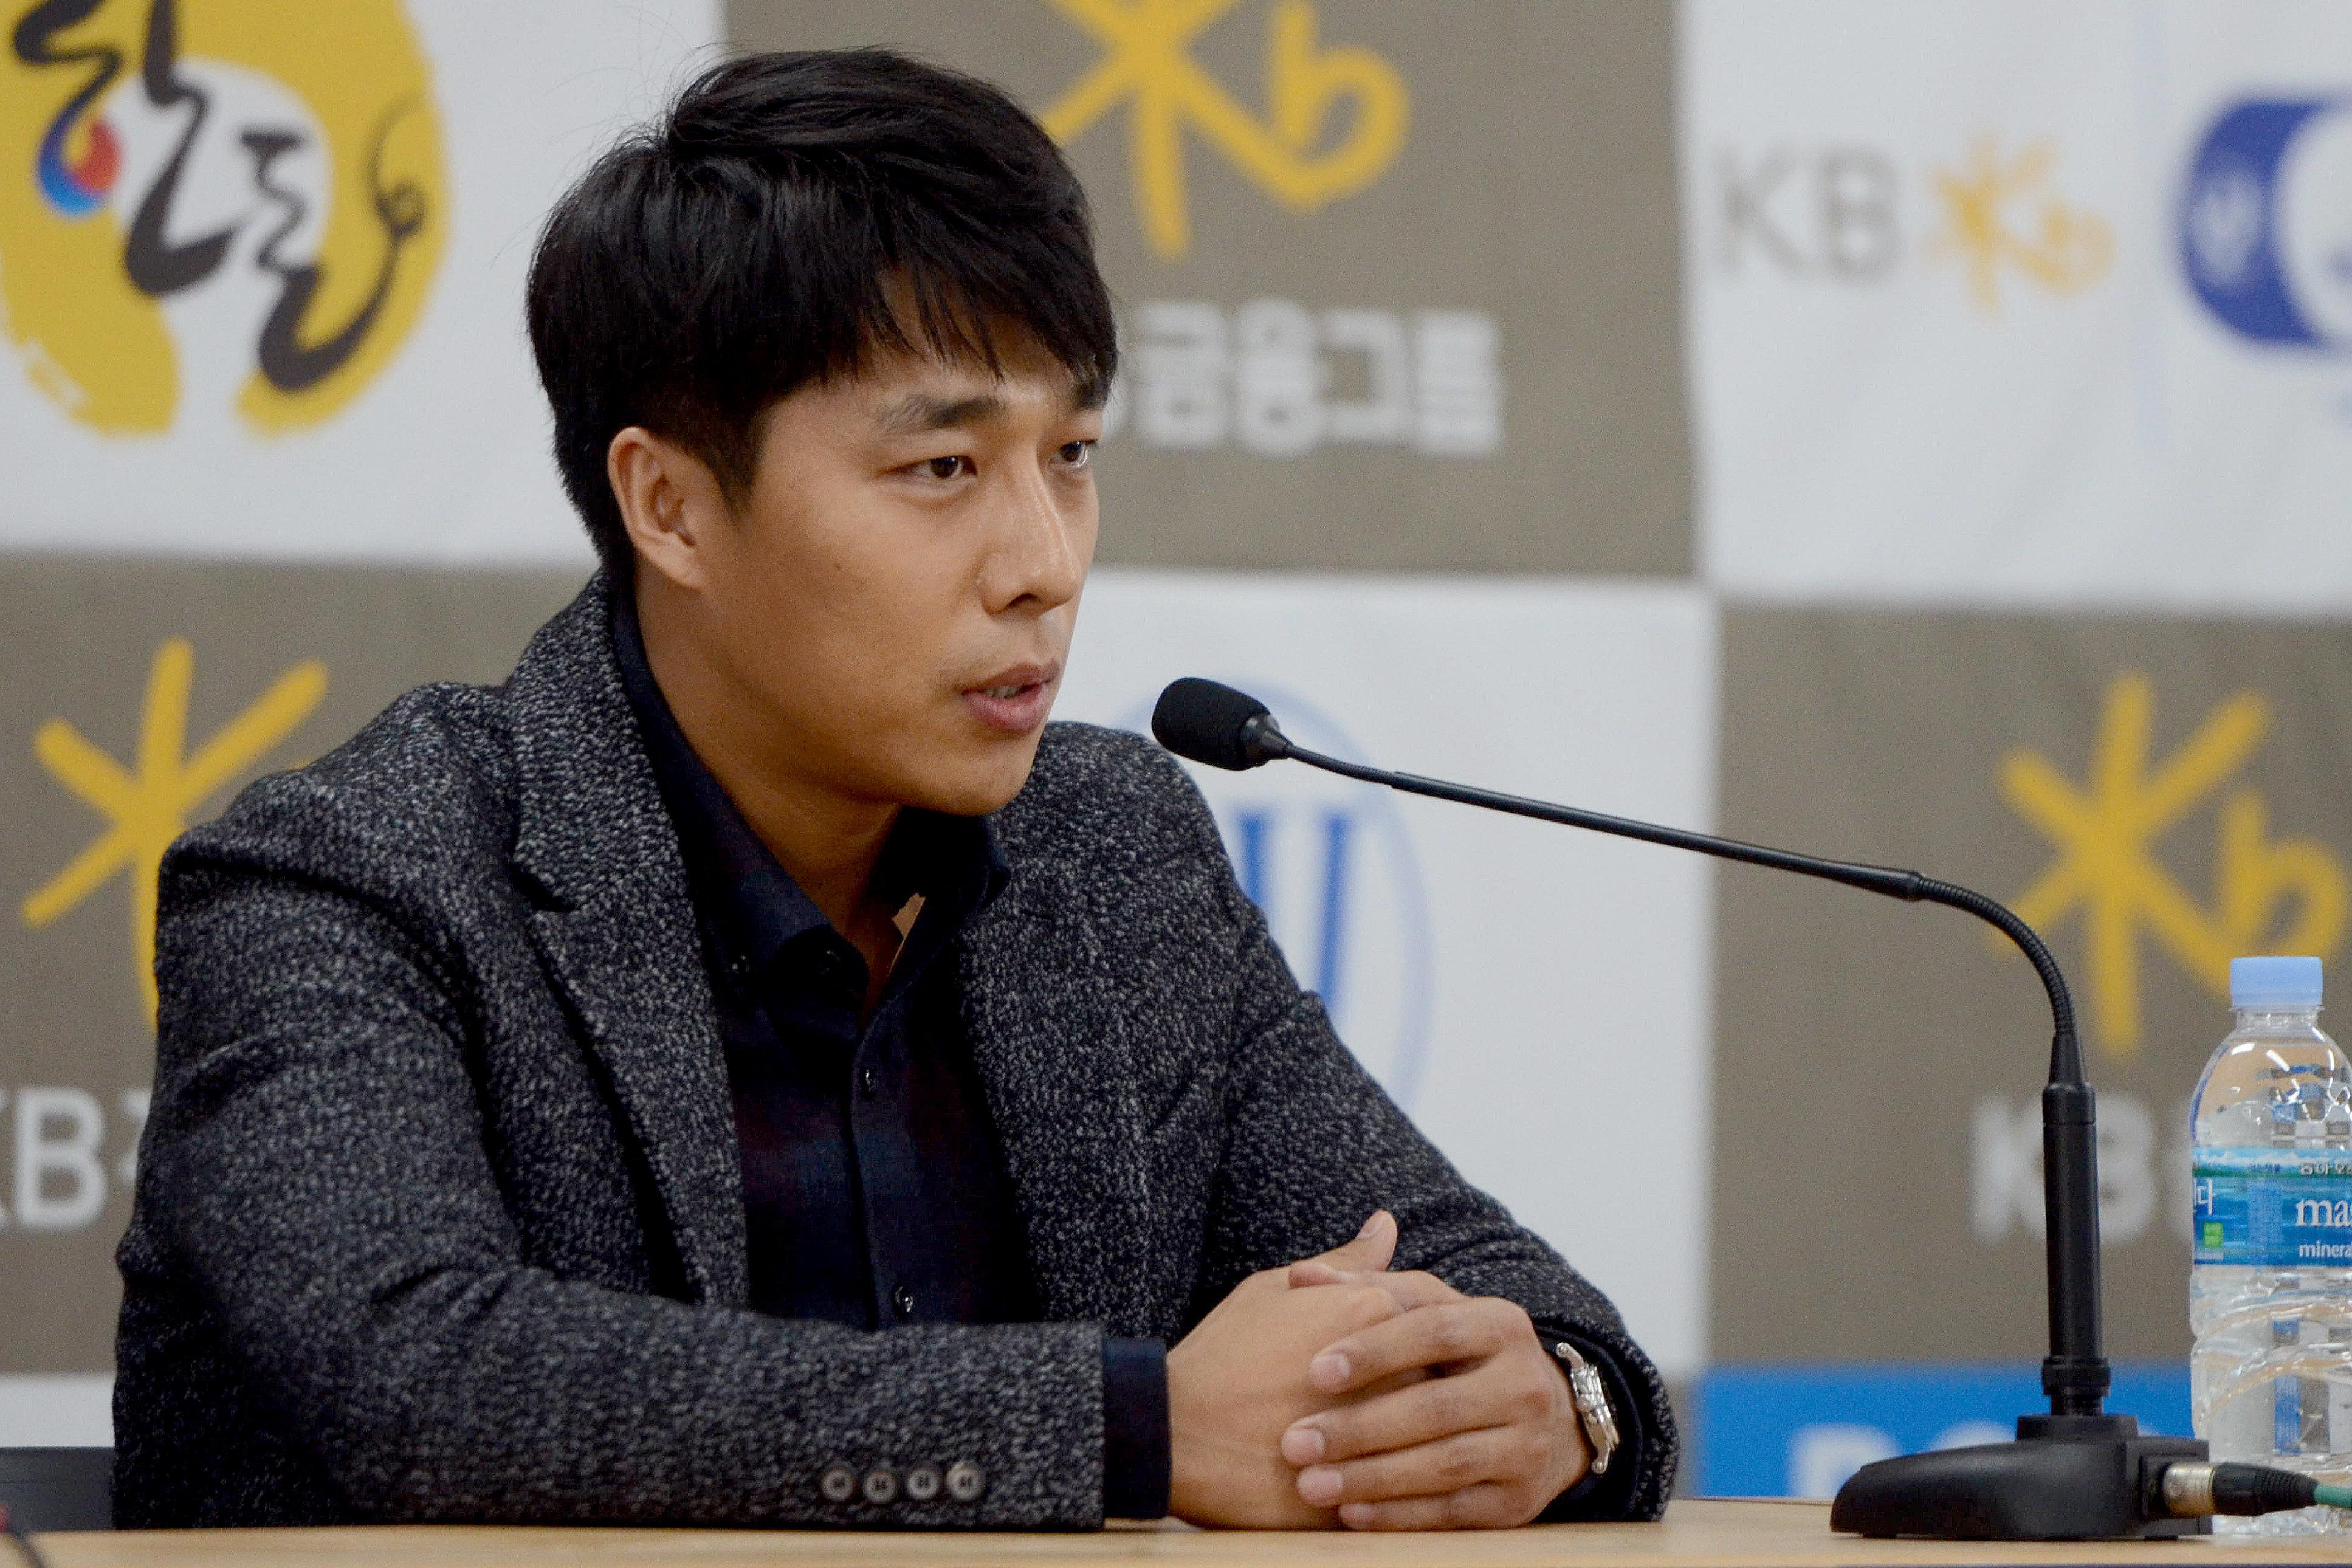 '어머니 살인 청부 교사' 재판에서 김동성의 거짓말이